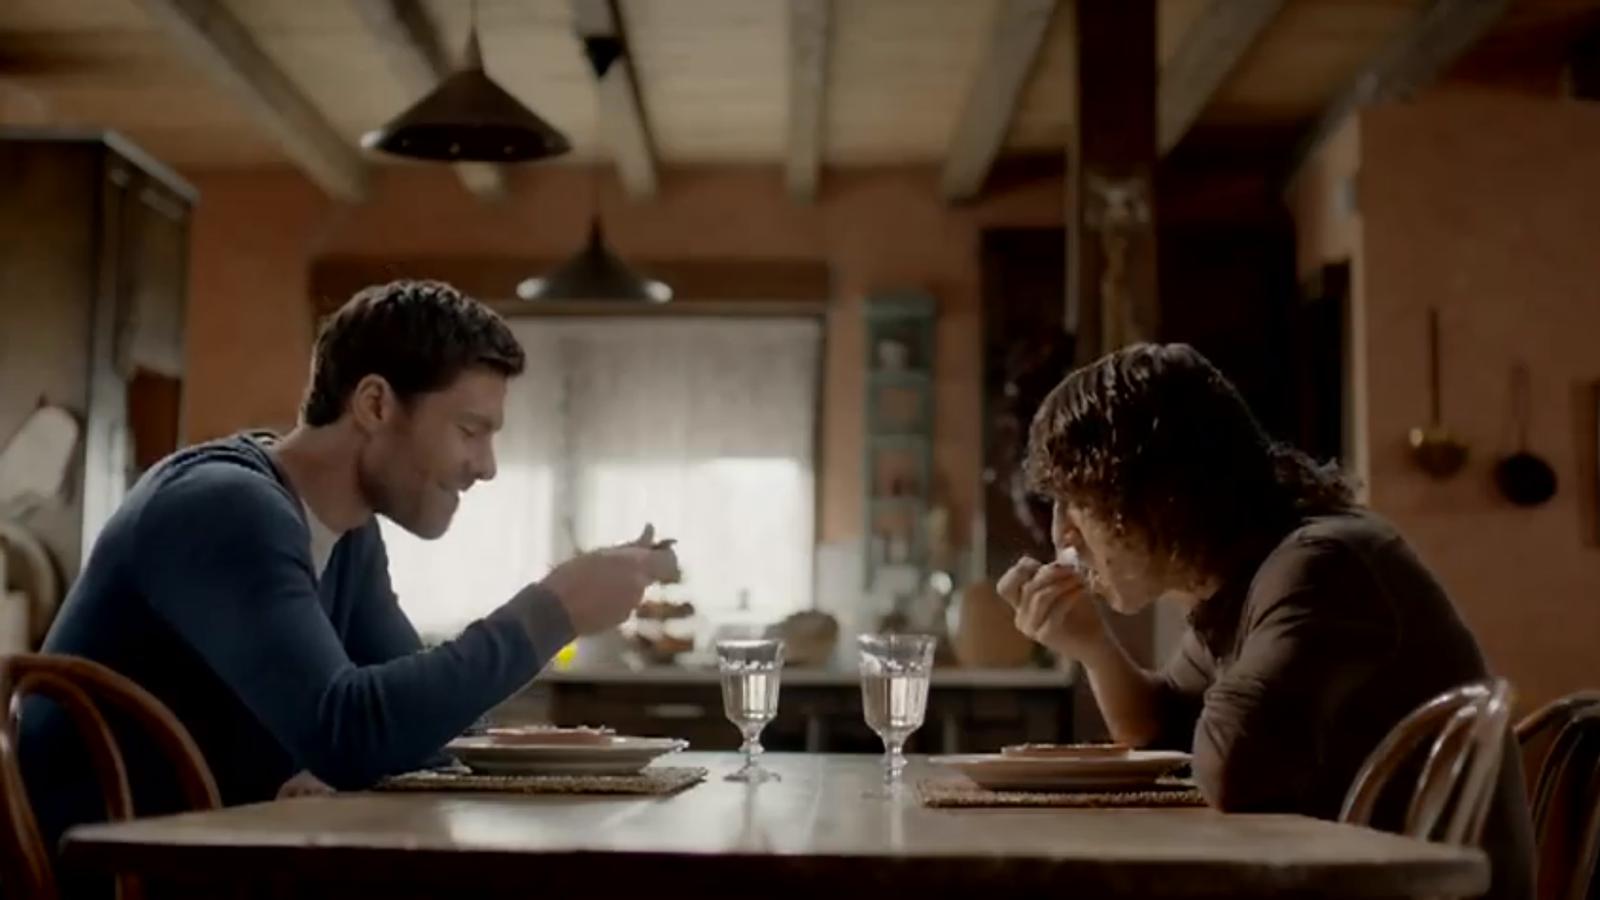 Puyol i Xabi Alonso comparteixen un dinar per un anunci